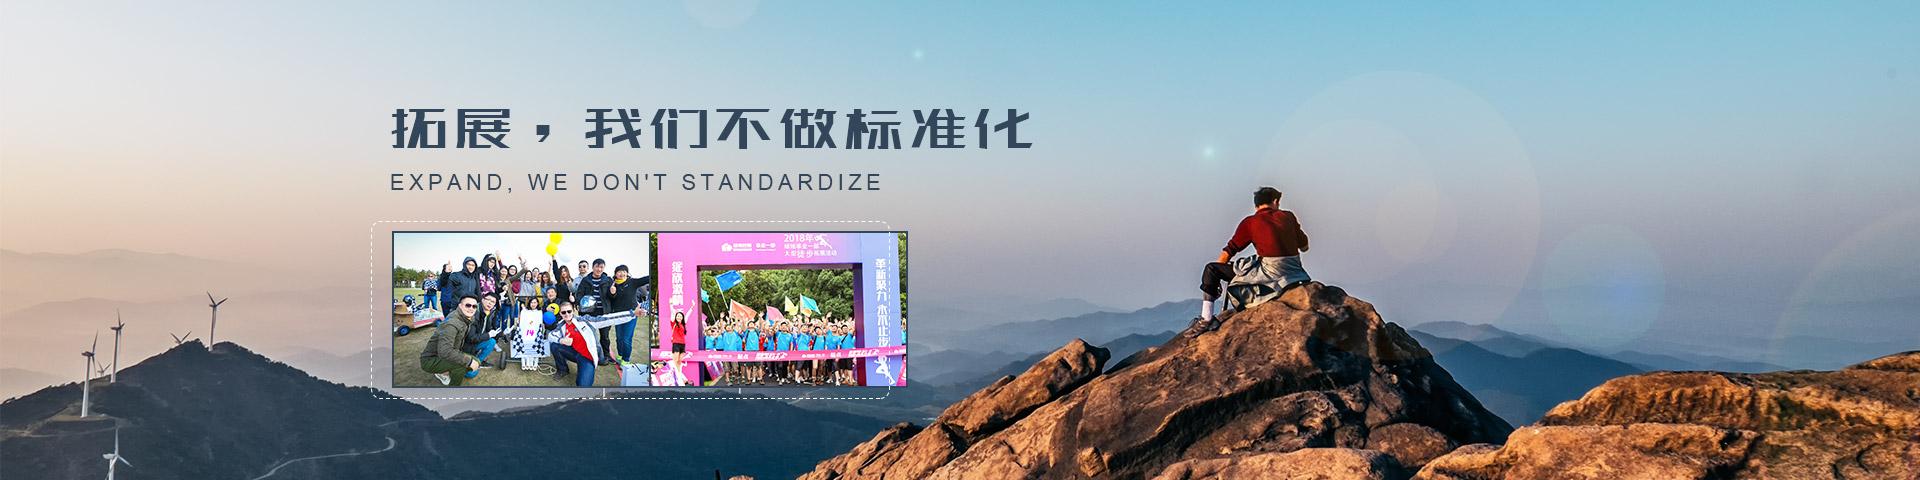 上海拓展团建